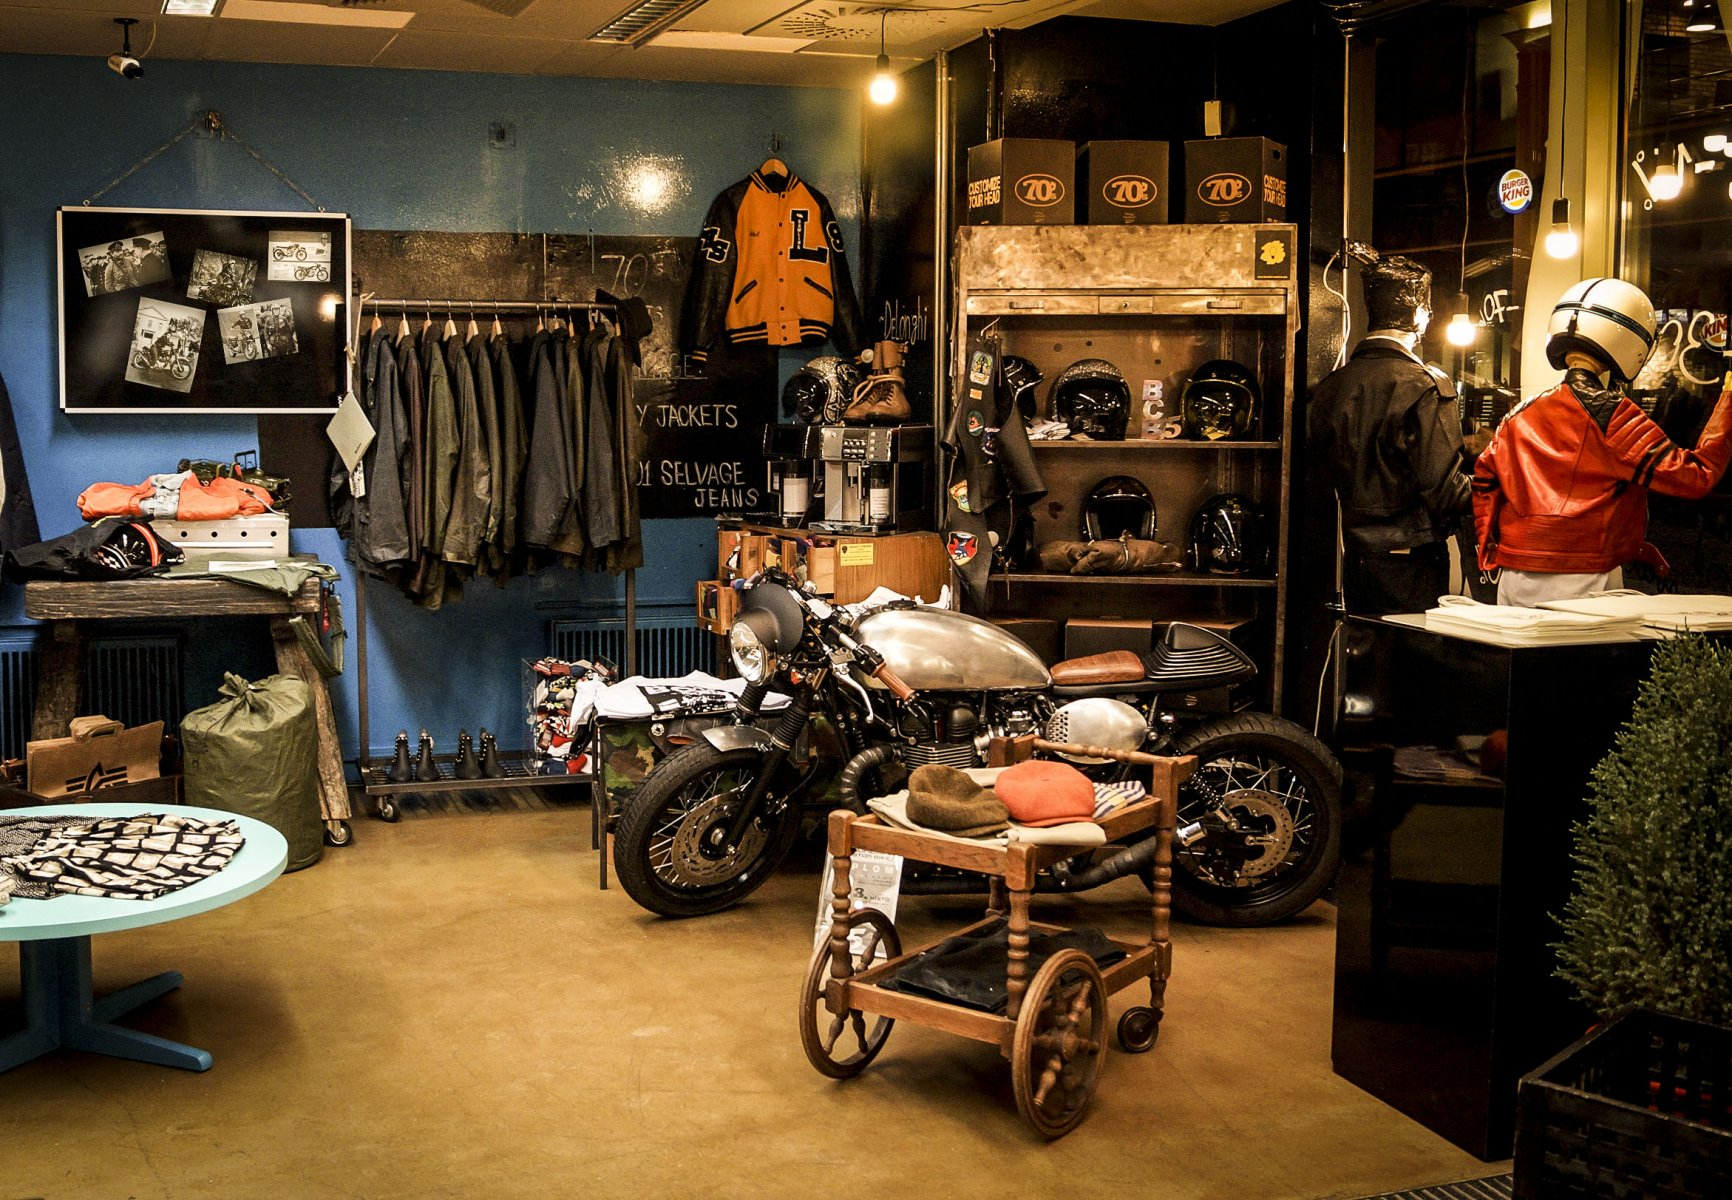 Obchod s oděvy The Address Idea